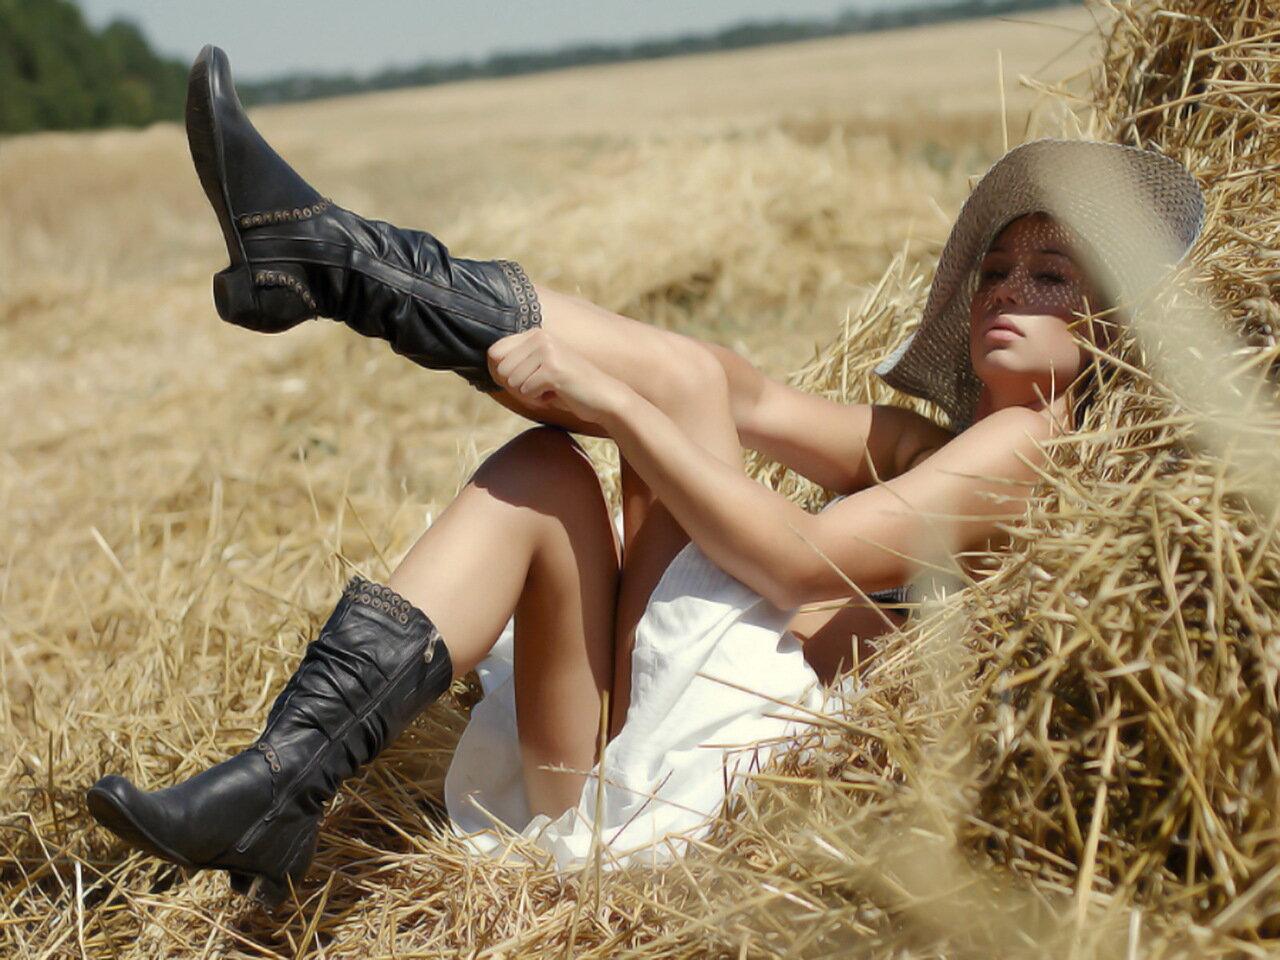 Яндекс сэкс девчонки на сеновале 29 фотография